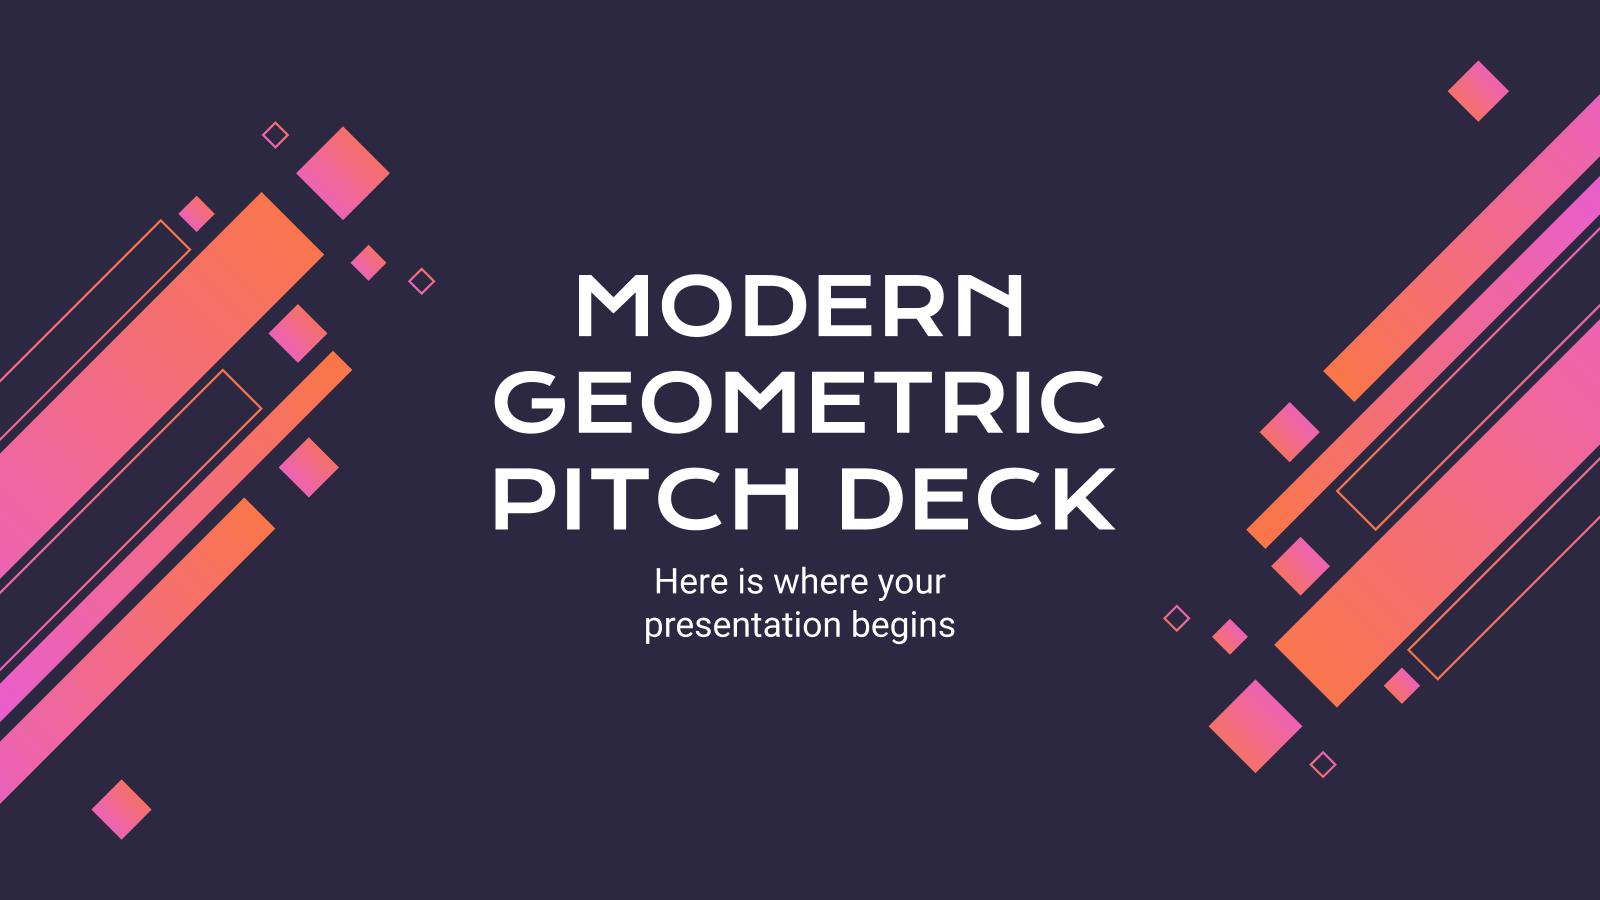 Modelo de apresentação Pitch deck moderno e geométrico